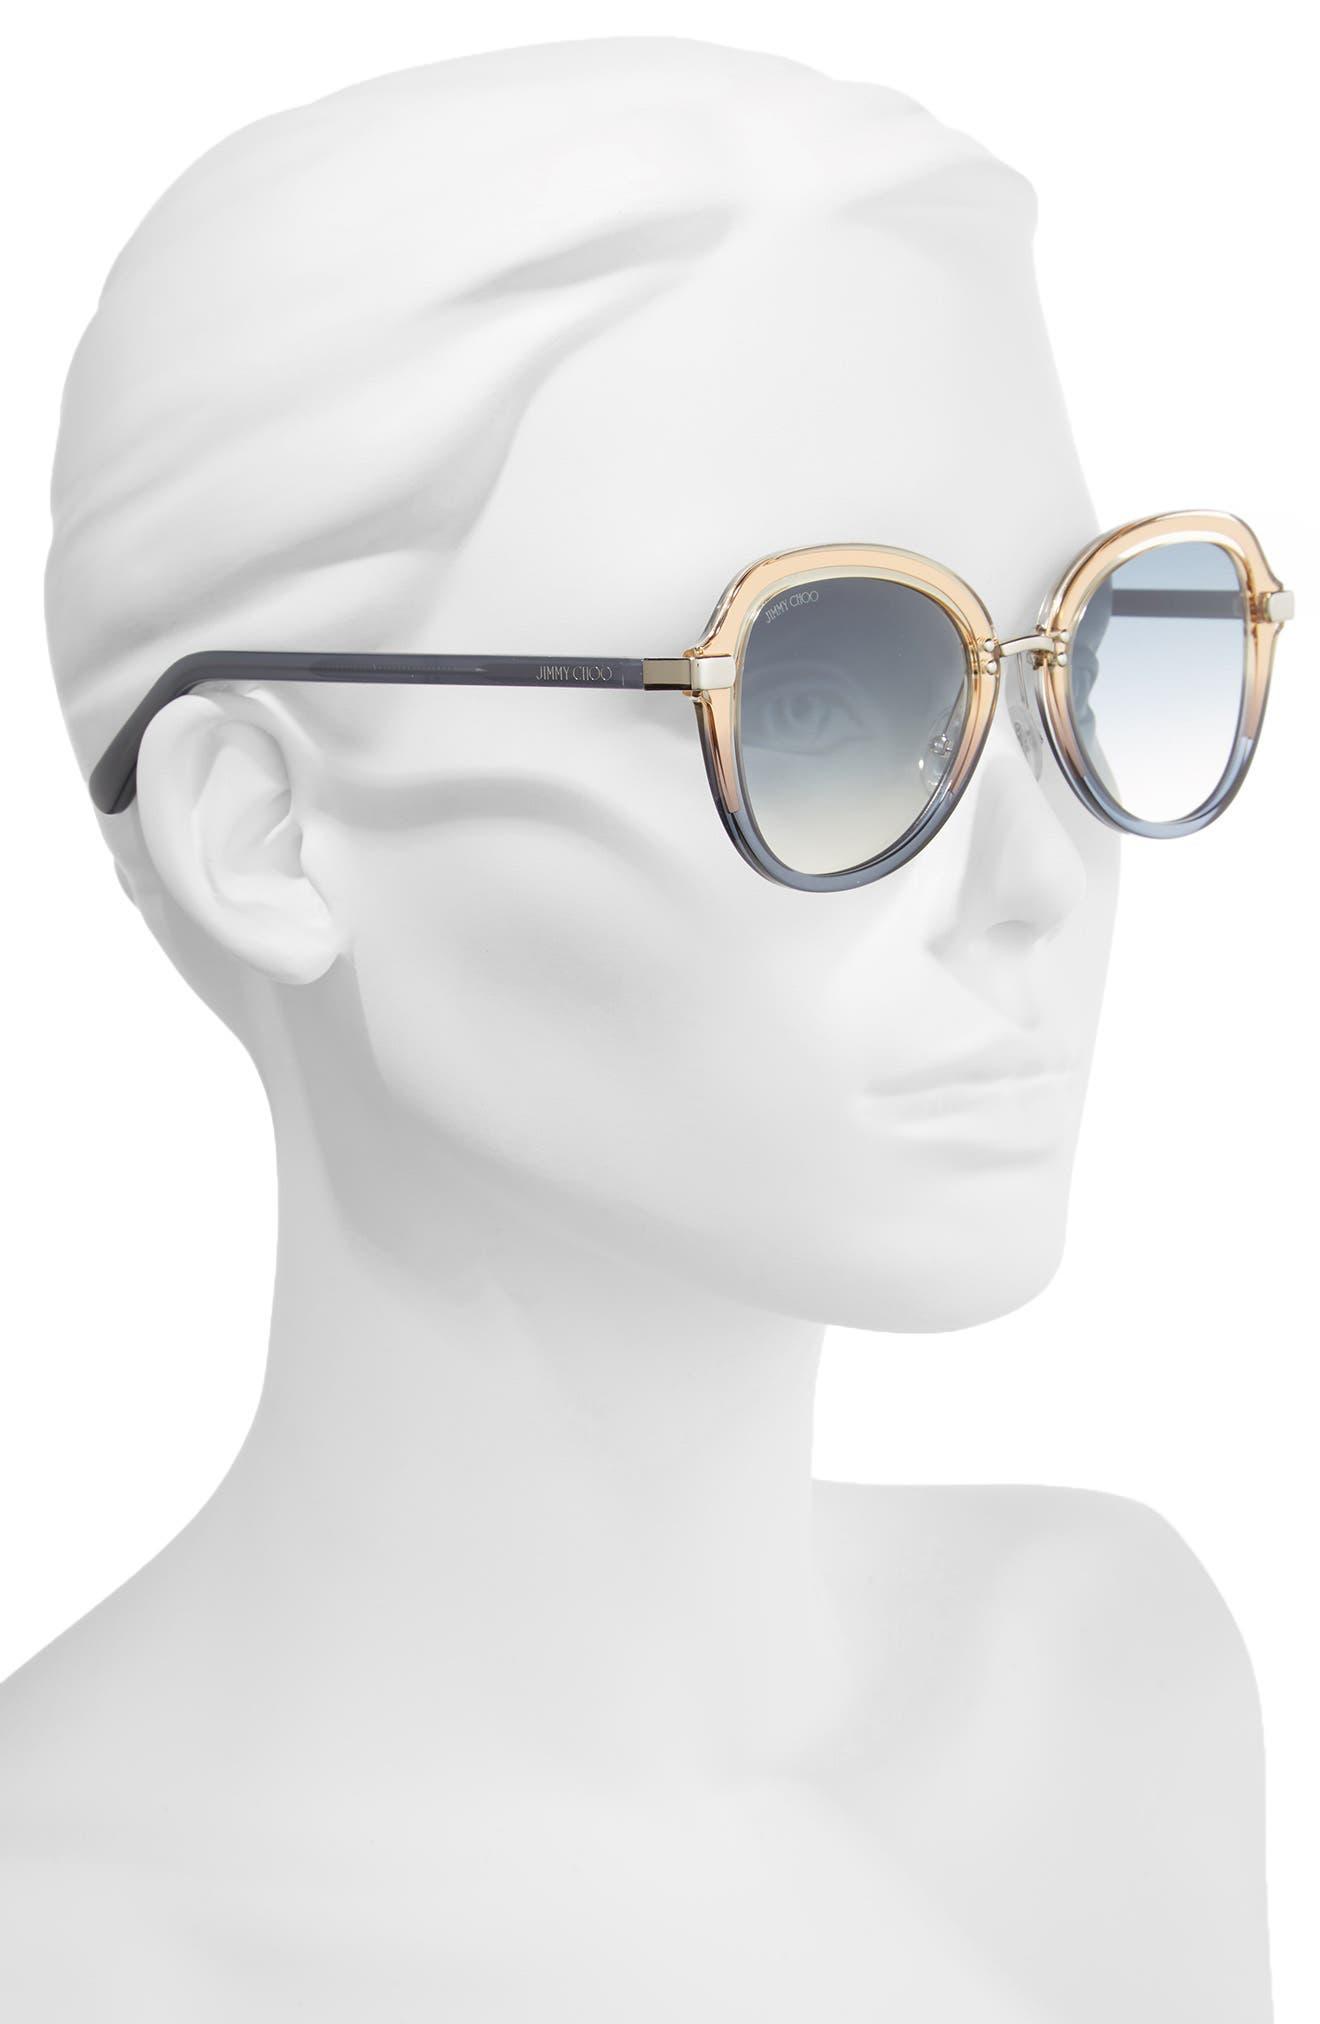 Drees 51mm Gradient Sunglasses,                             Alternate thumbnail 2, color,                             300